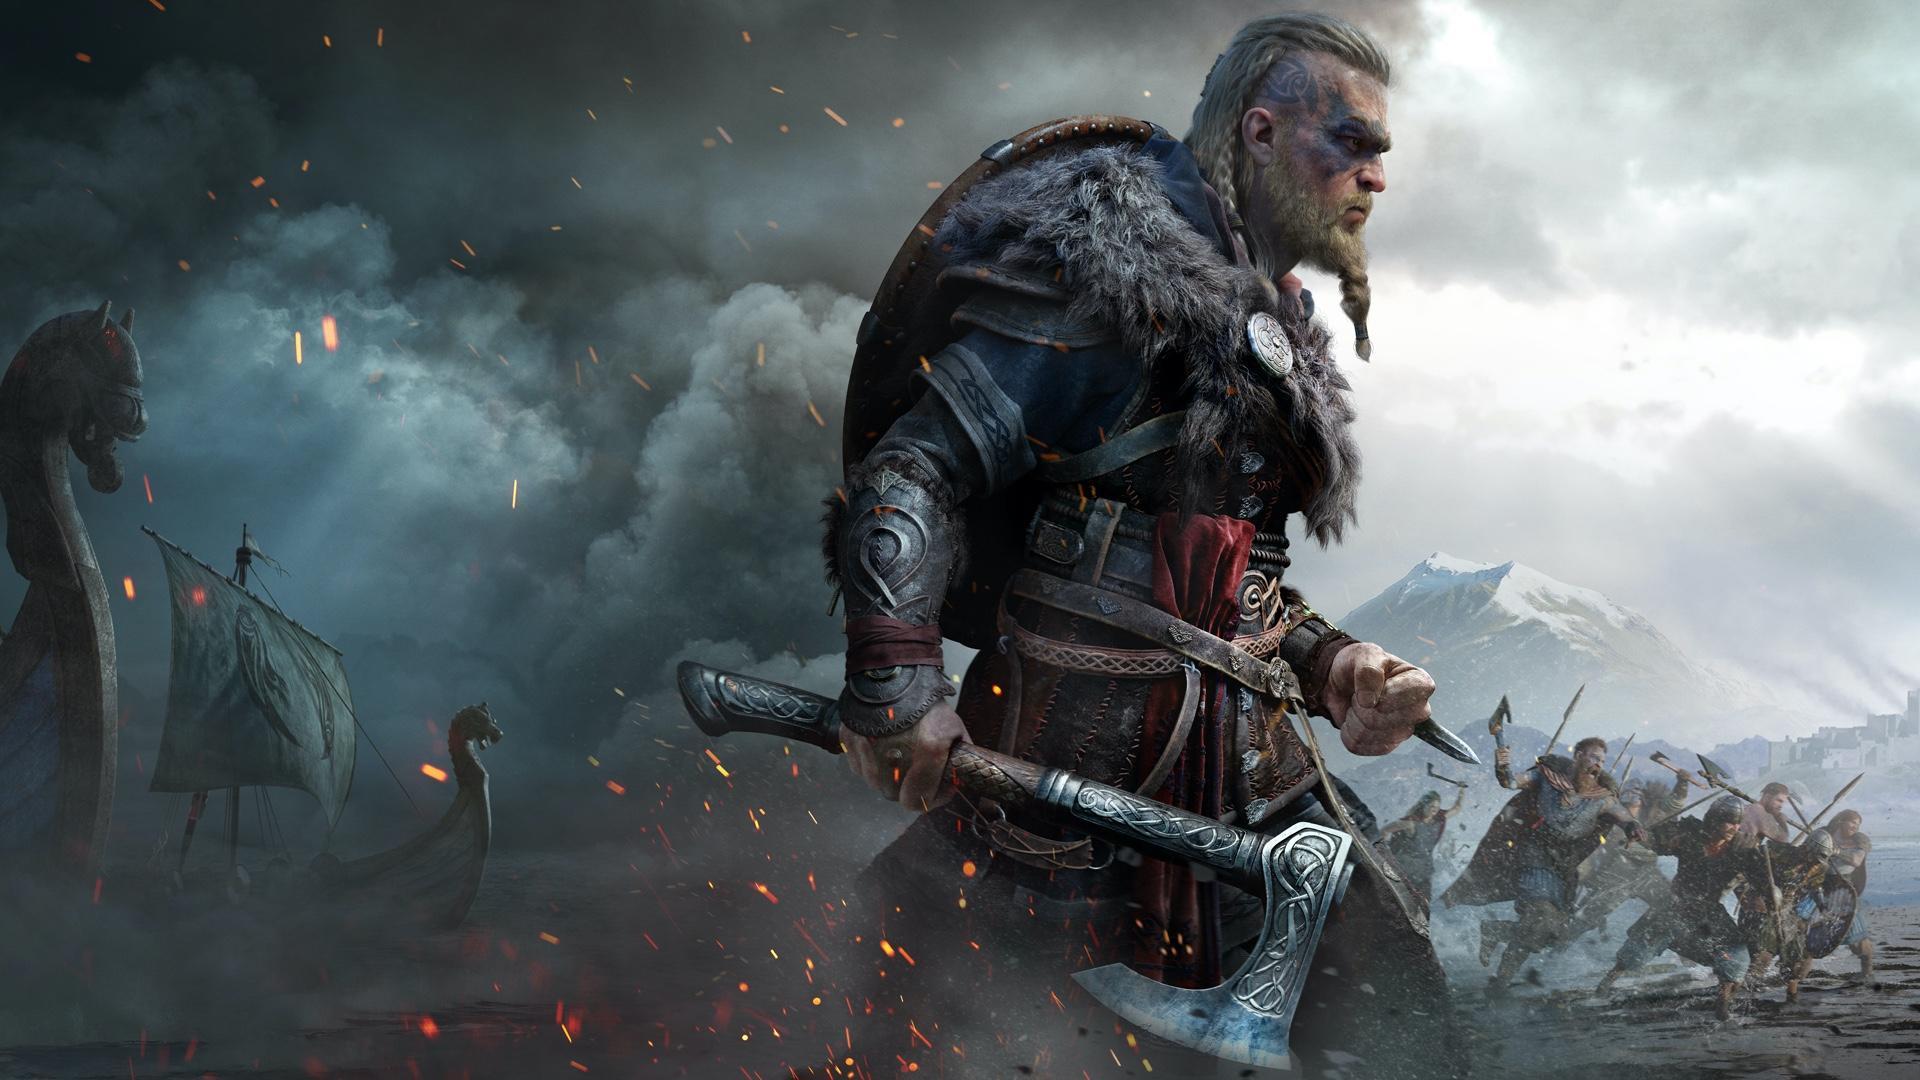 L'esrb Révèle De Nouveaux Détails Pour Assassin's Creed Valhalla